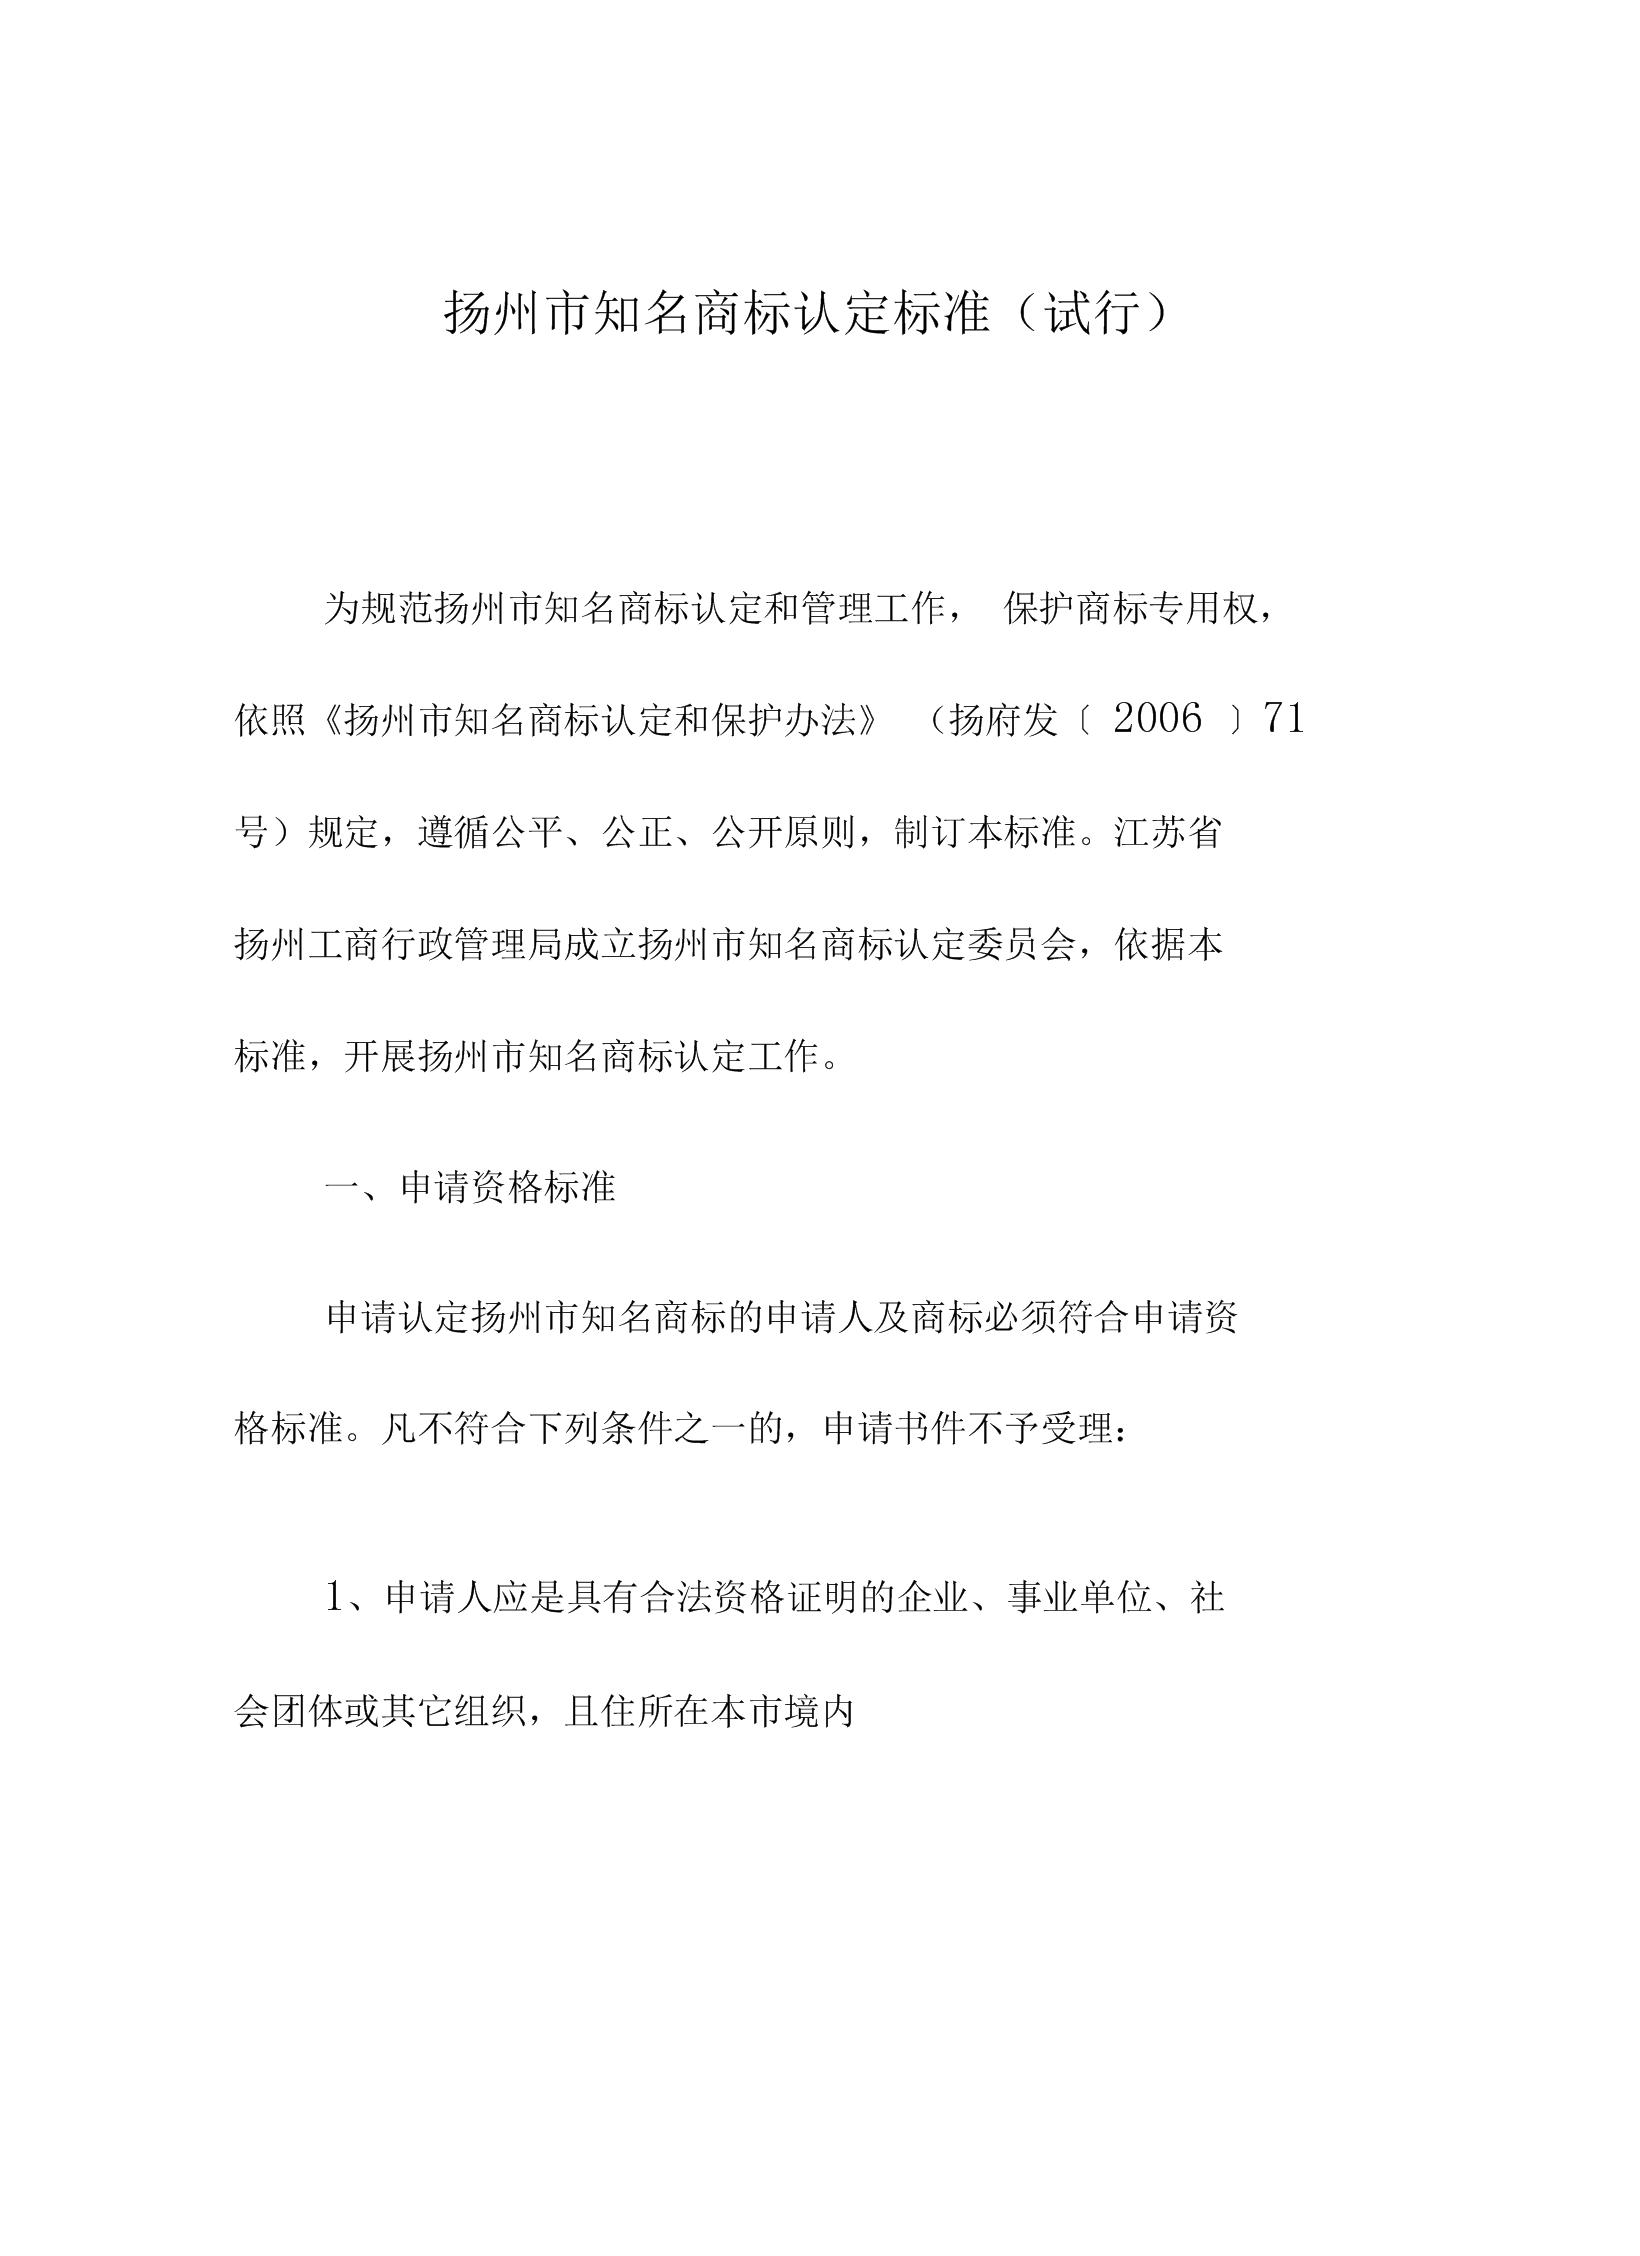 扬州市知名商标认定标准.docx